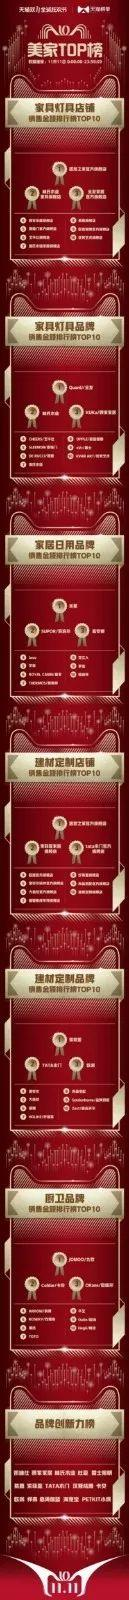 2135亿新纪录!天猫榜单发布双11剁手图鉴,品牌们都注意了!